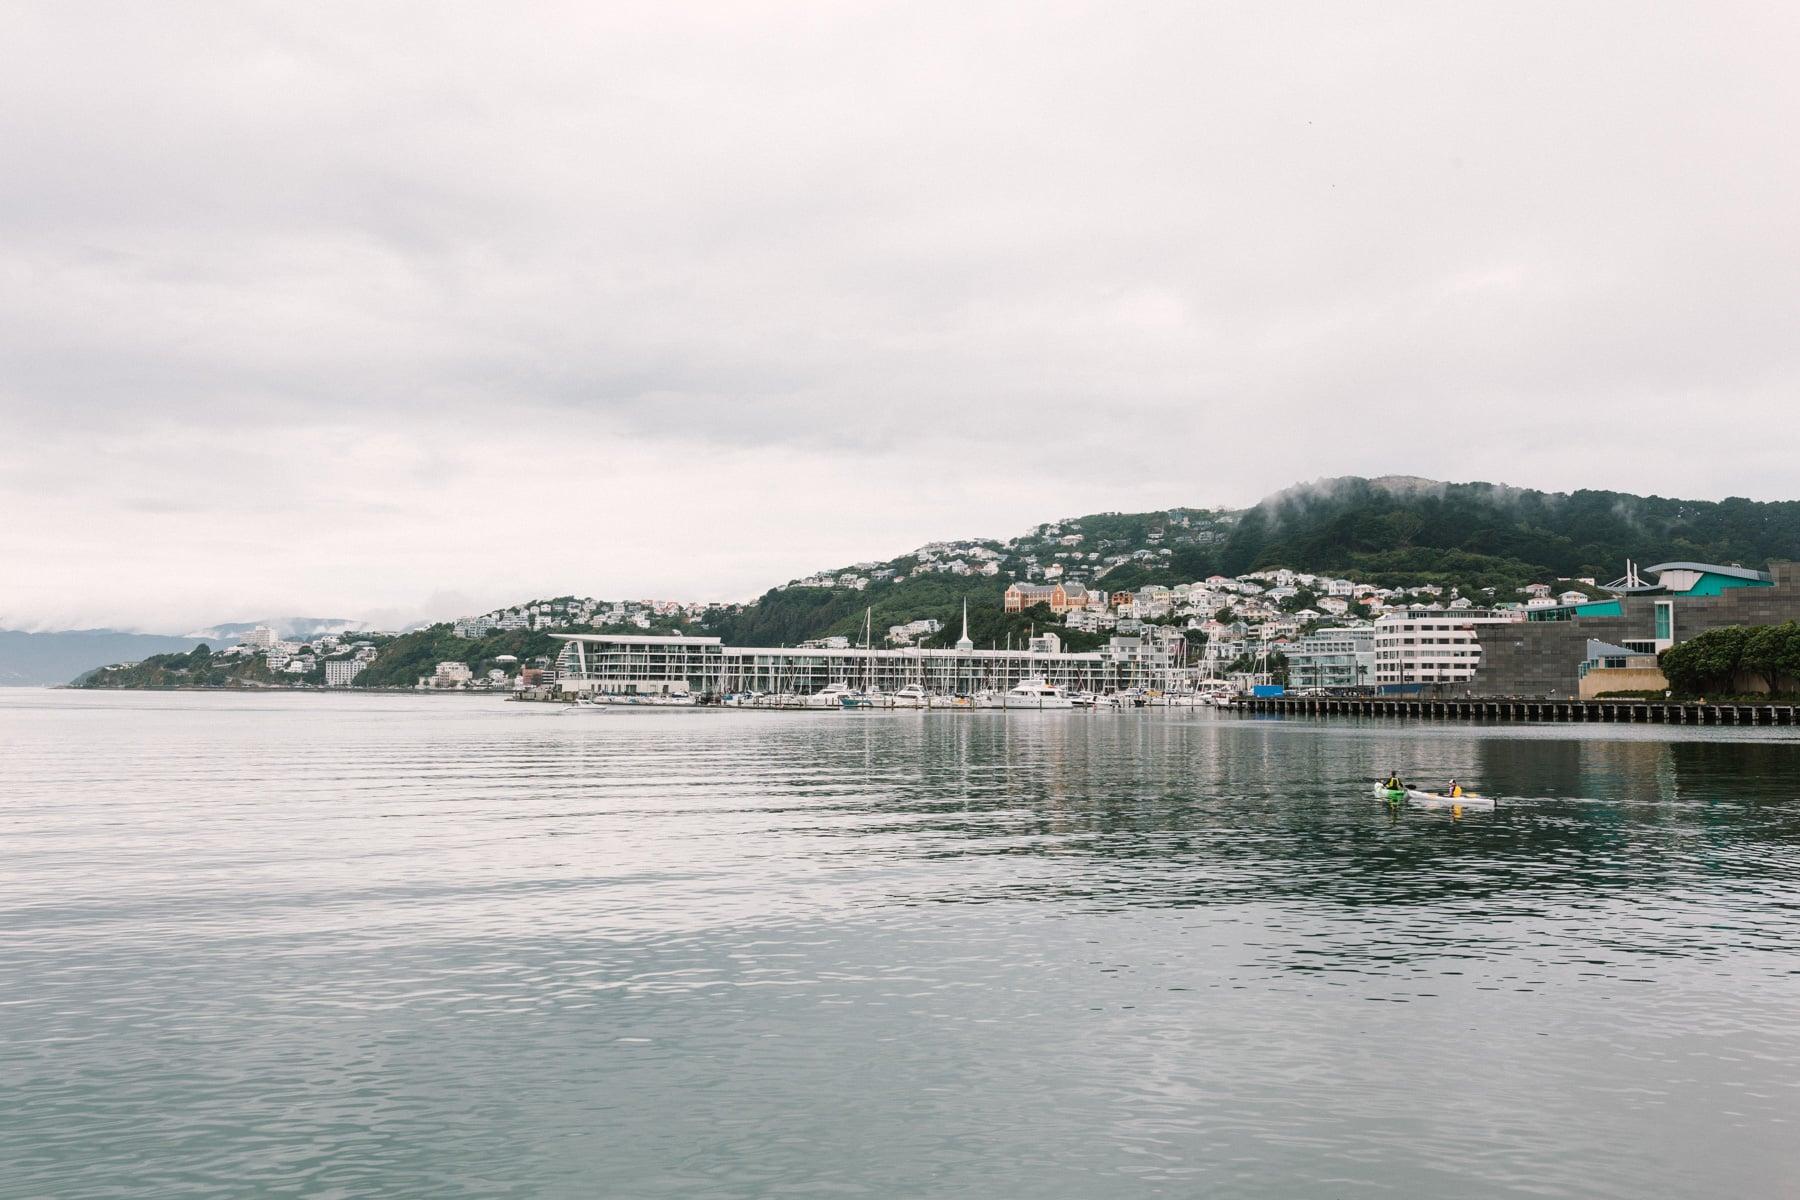 Fod descending in Wellington